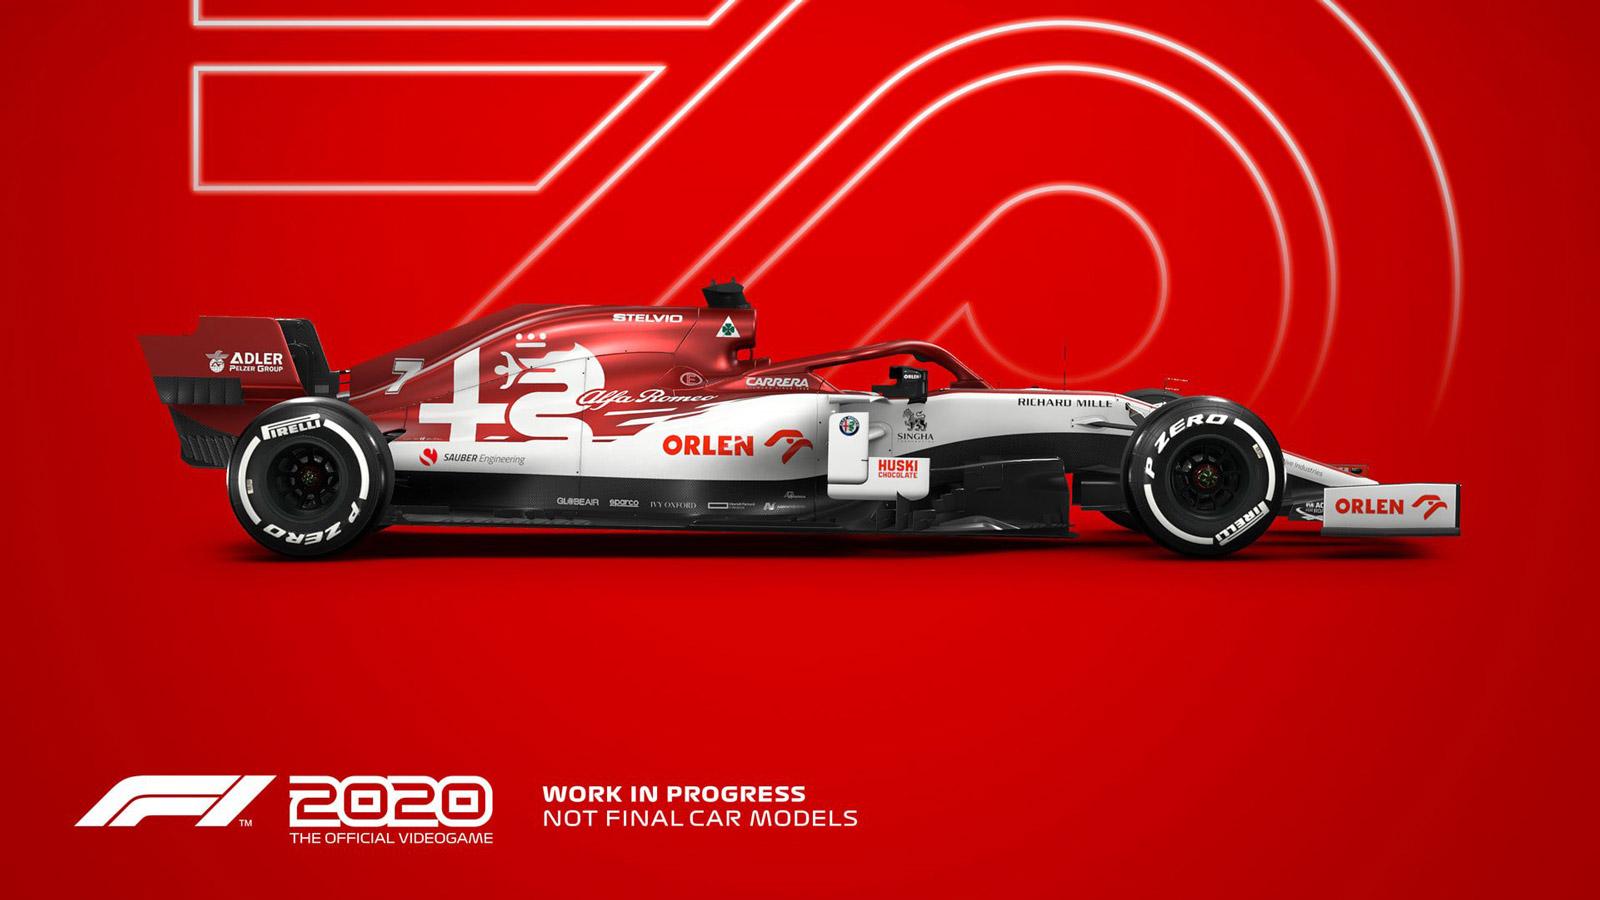 Free F1 2020 Wallpaper in 1600x900